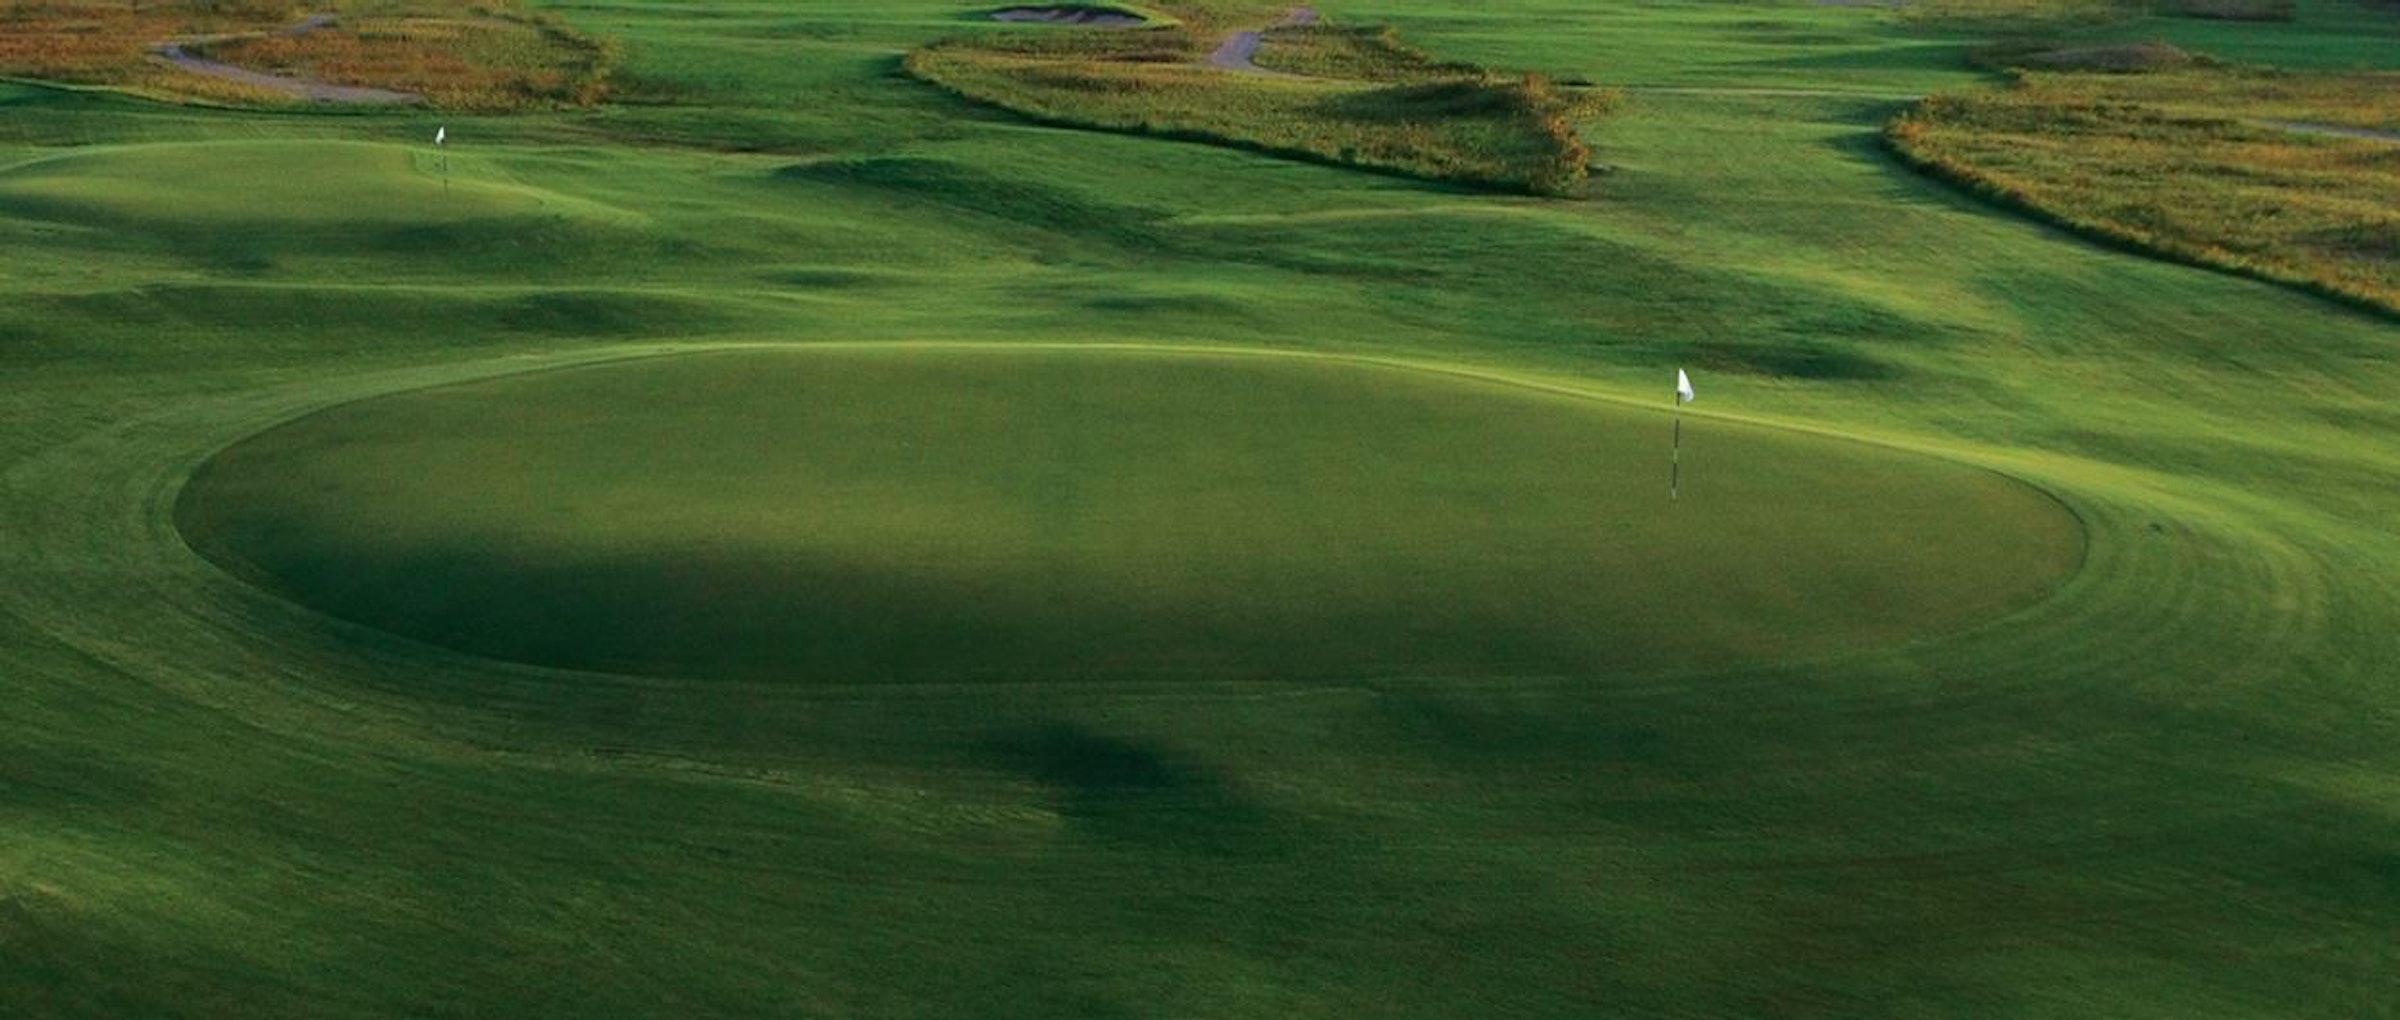 Trinity Forest Golf Club in Beyond Dallas